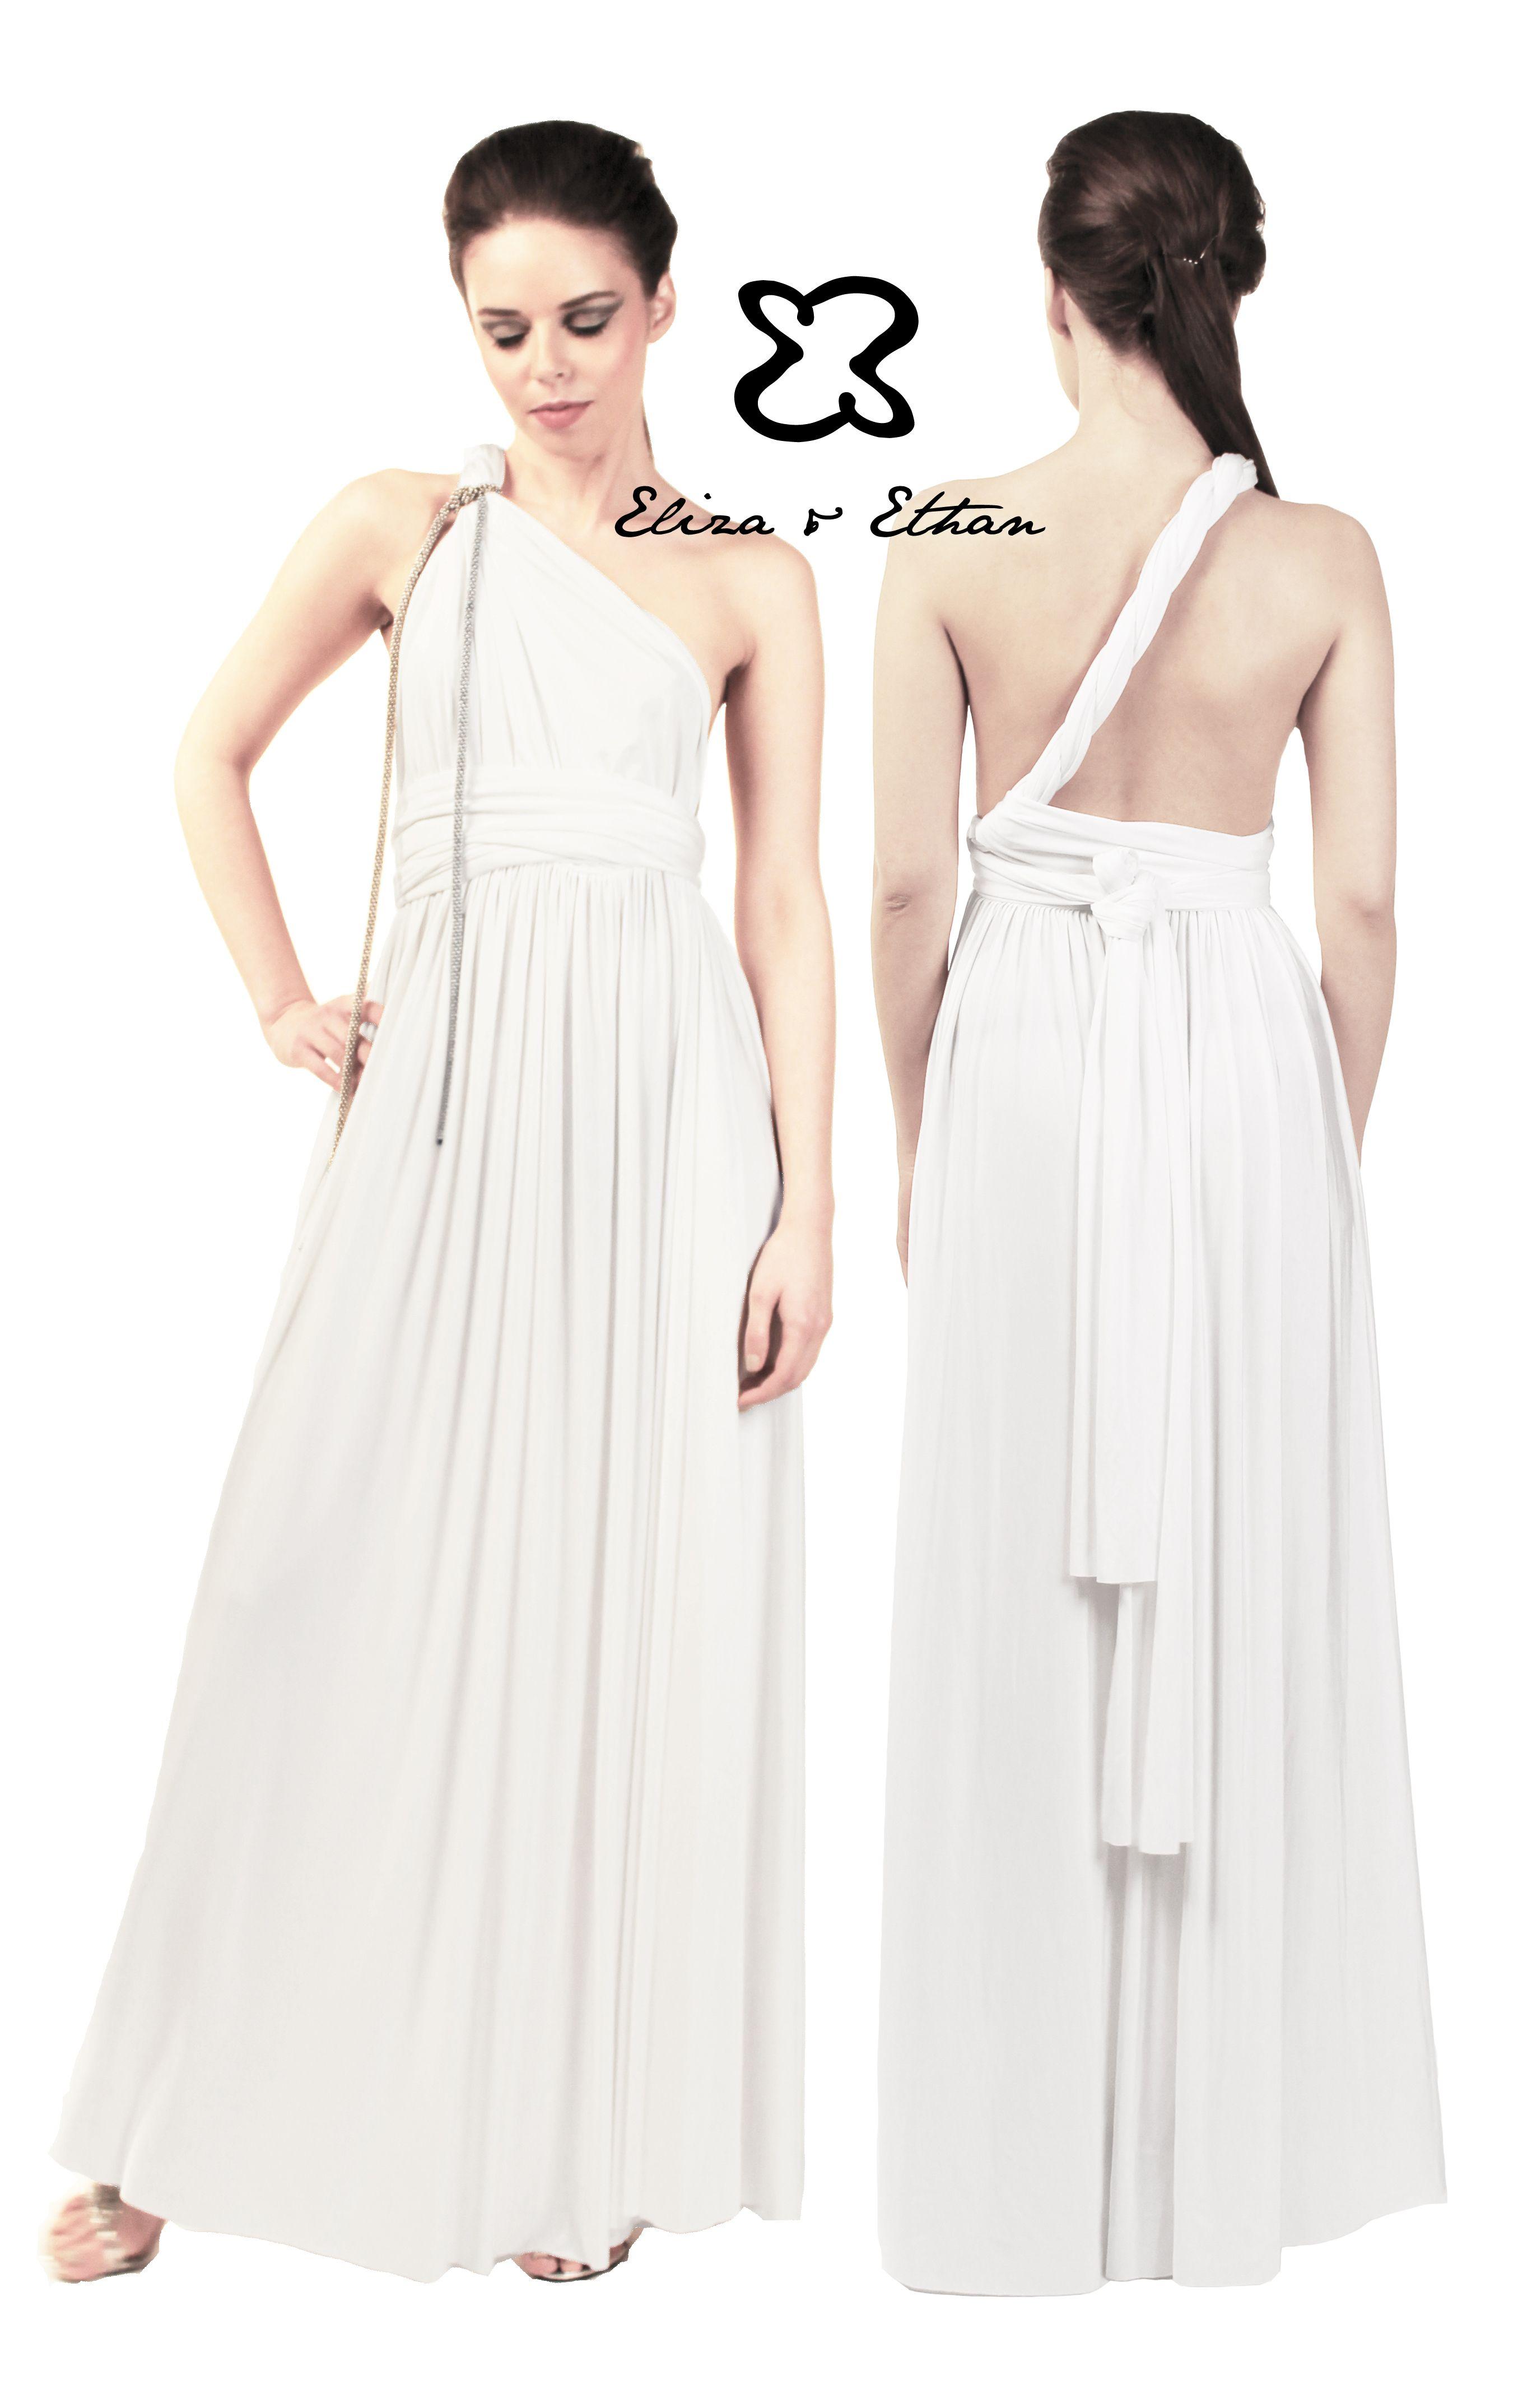 Ziemlich Brautjungfer Kleider Umwandelbar Ideen - Hochzeit Kleid ...